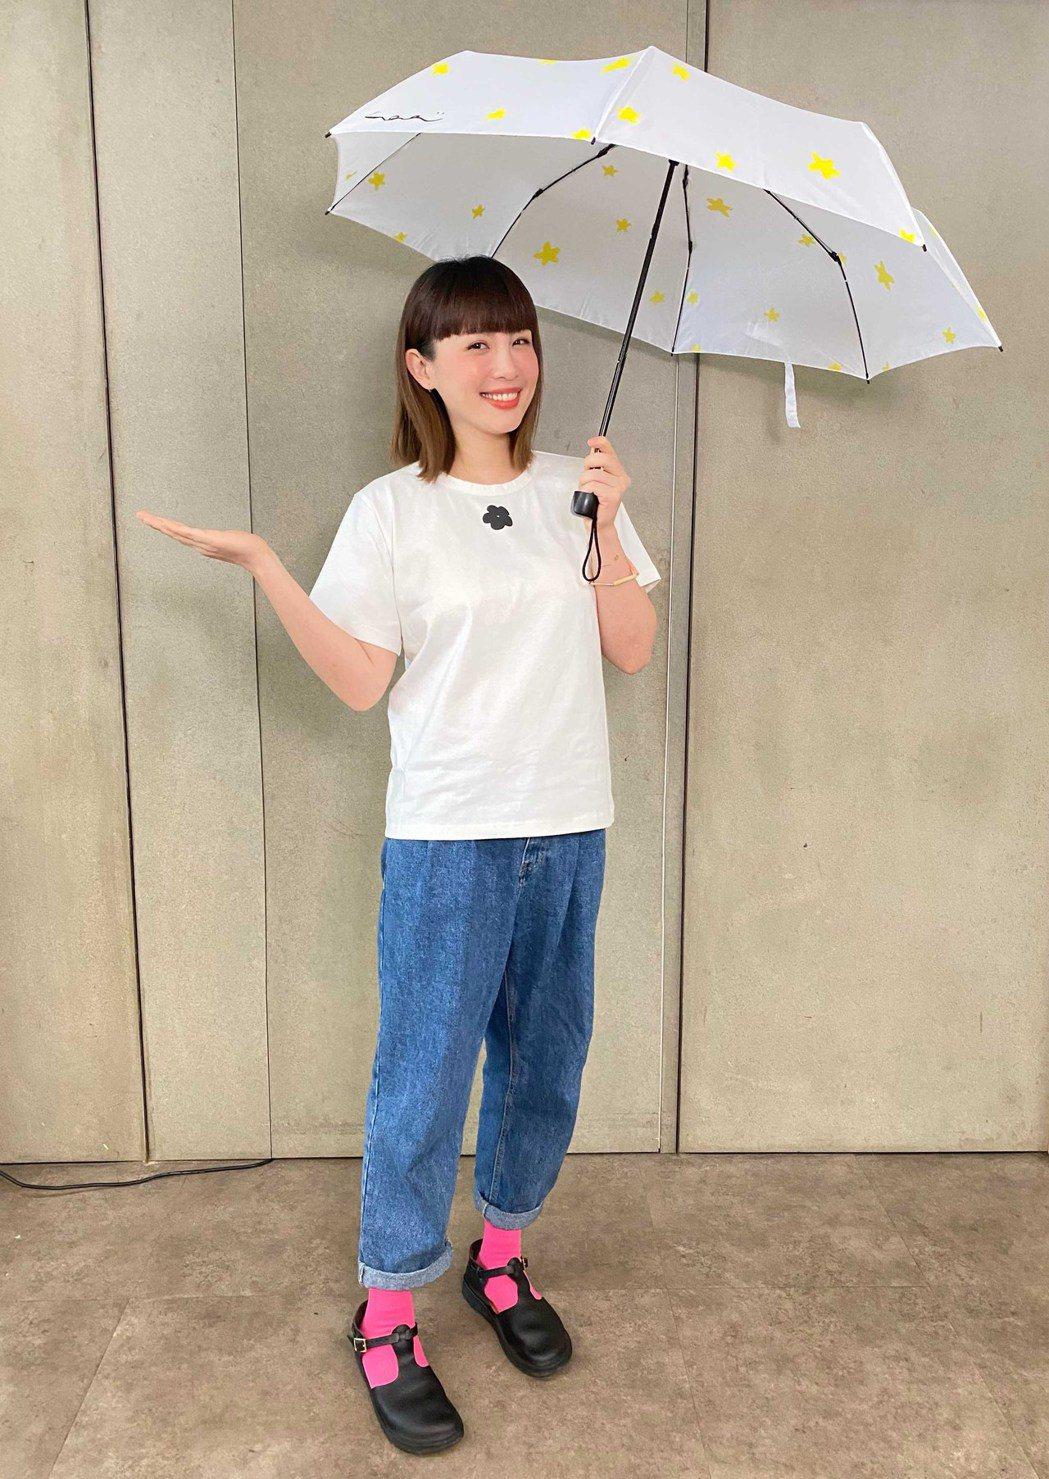 魏如萱與兒子路易一同打造捐款贈品「星星雨傘」。圖/愛最大慈善光協會提供